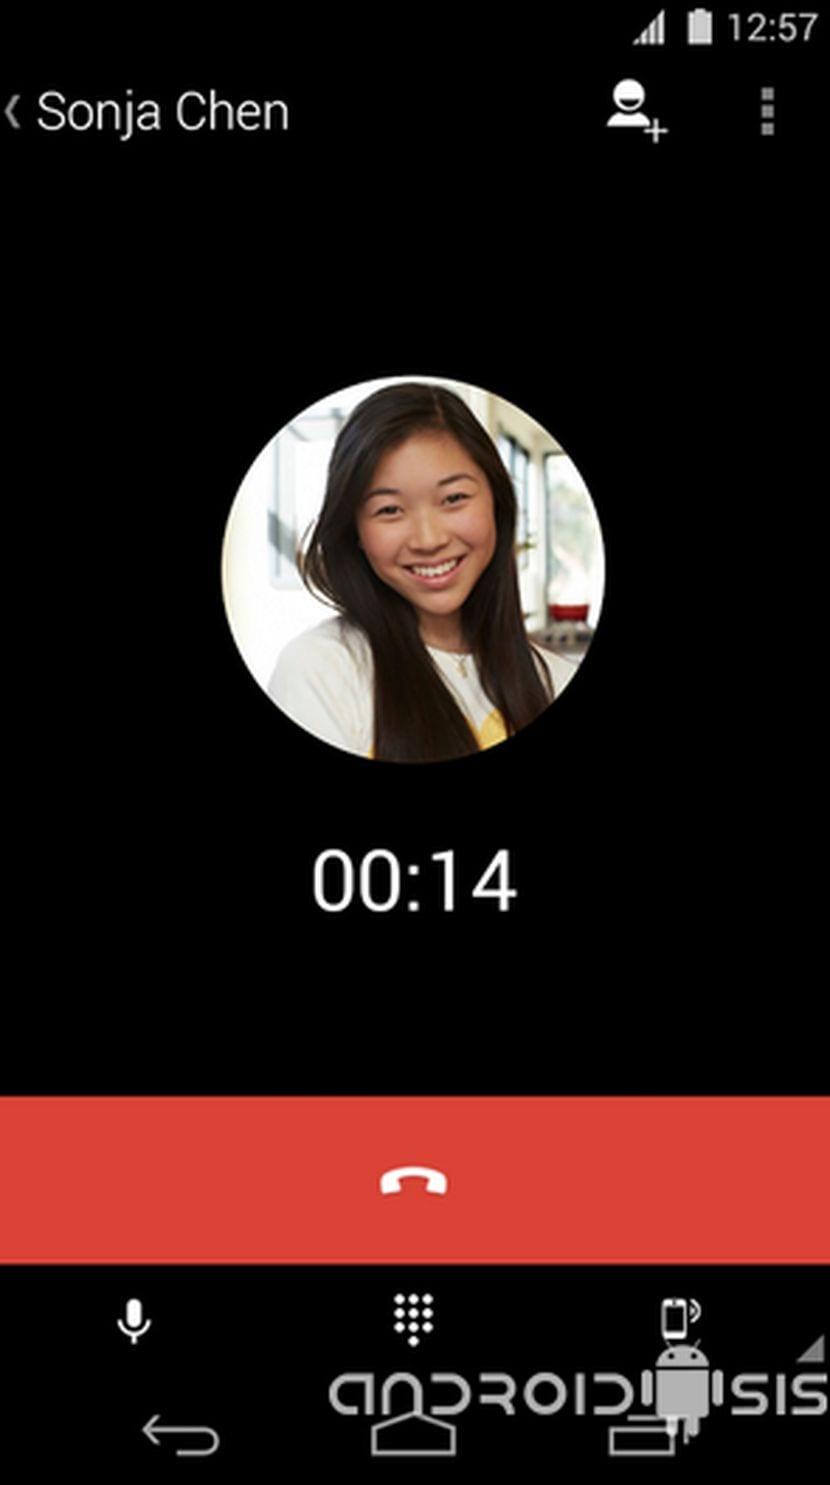 [APK] Descarga la última actualización de Hangouts con la nueva interfaz y llamadas gratuitas